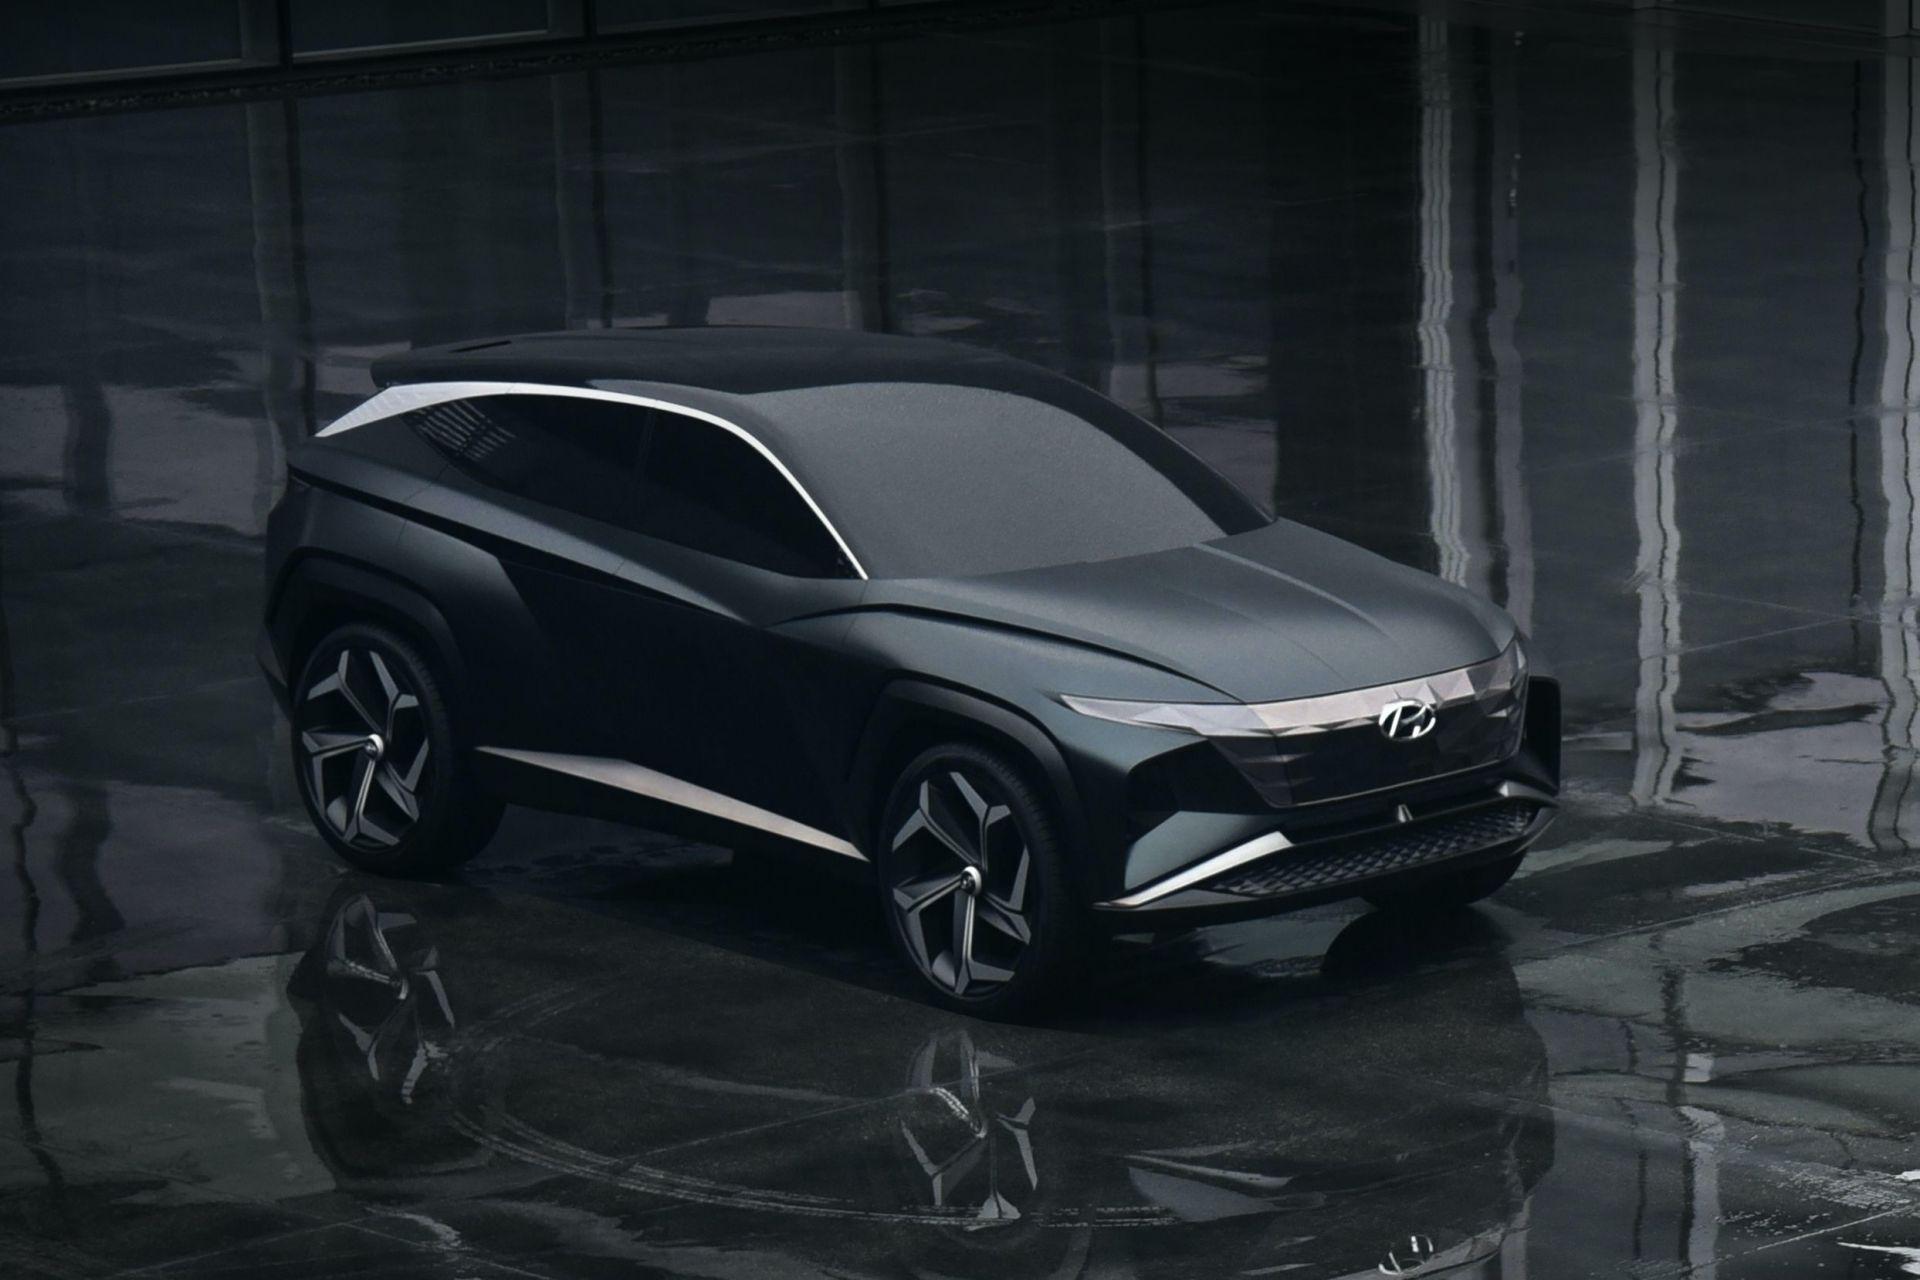 Hyundai Tucson thế hệ thứ 4 sẽ lấy cảm hứng từ mẫu xe concept Vision T